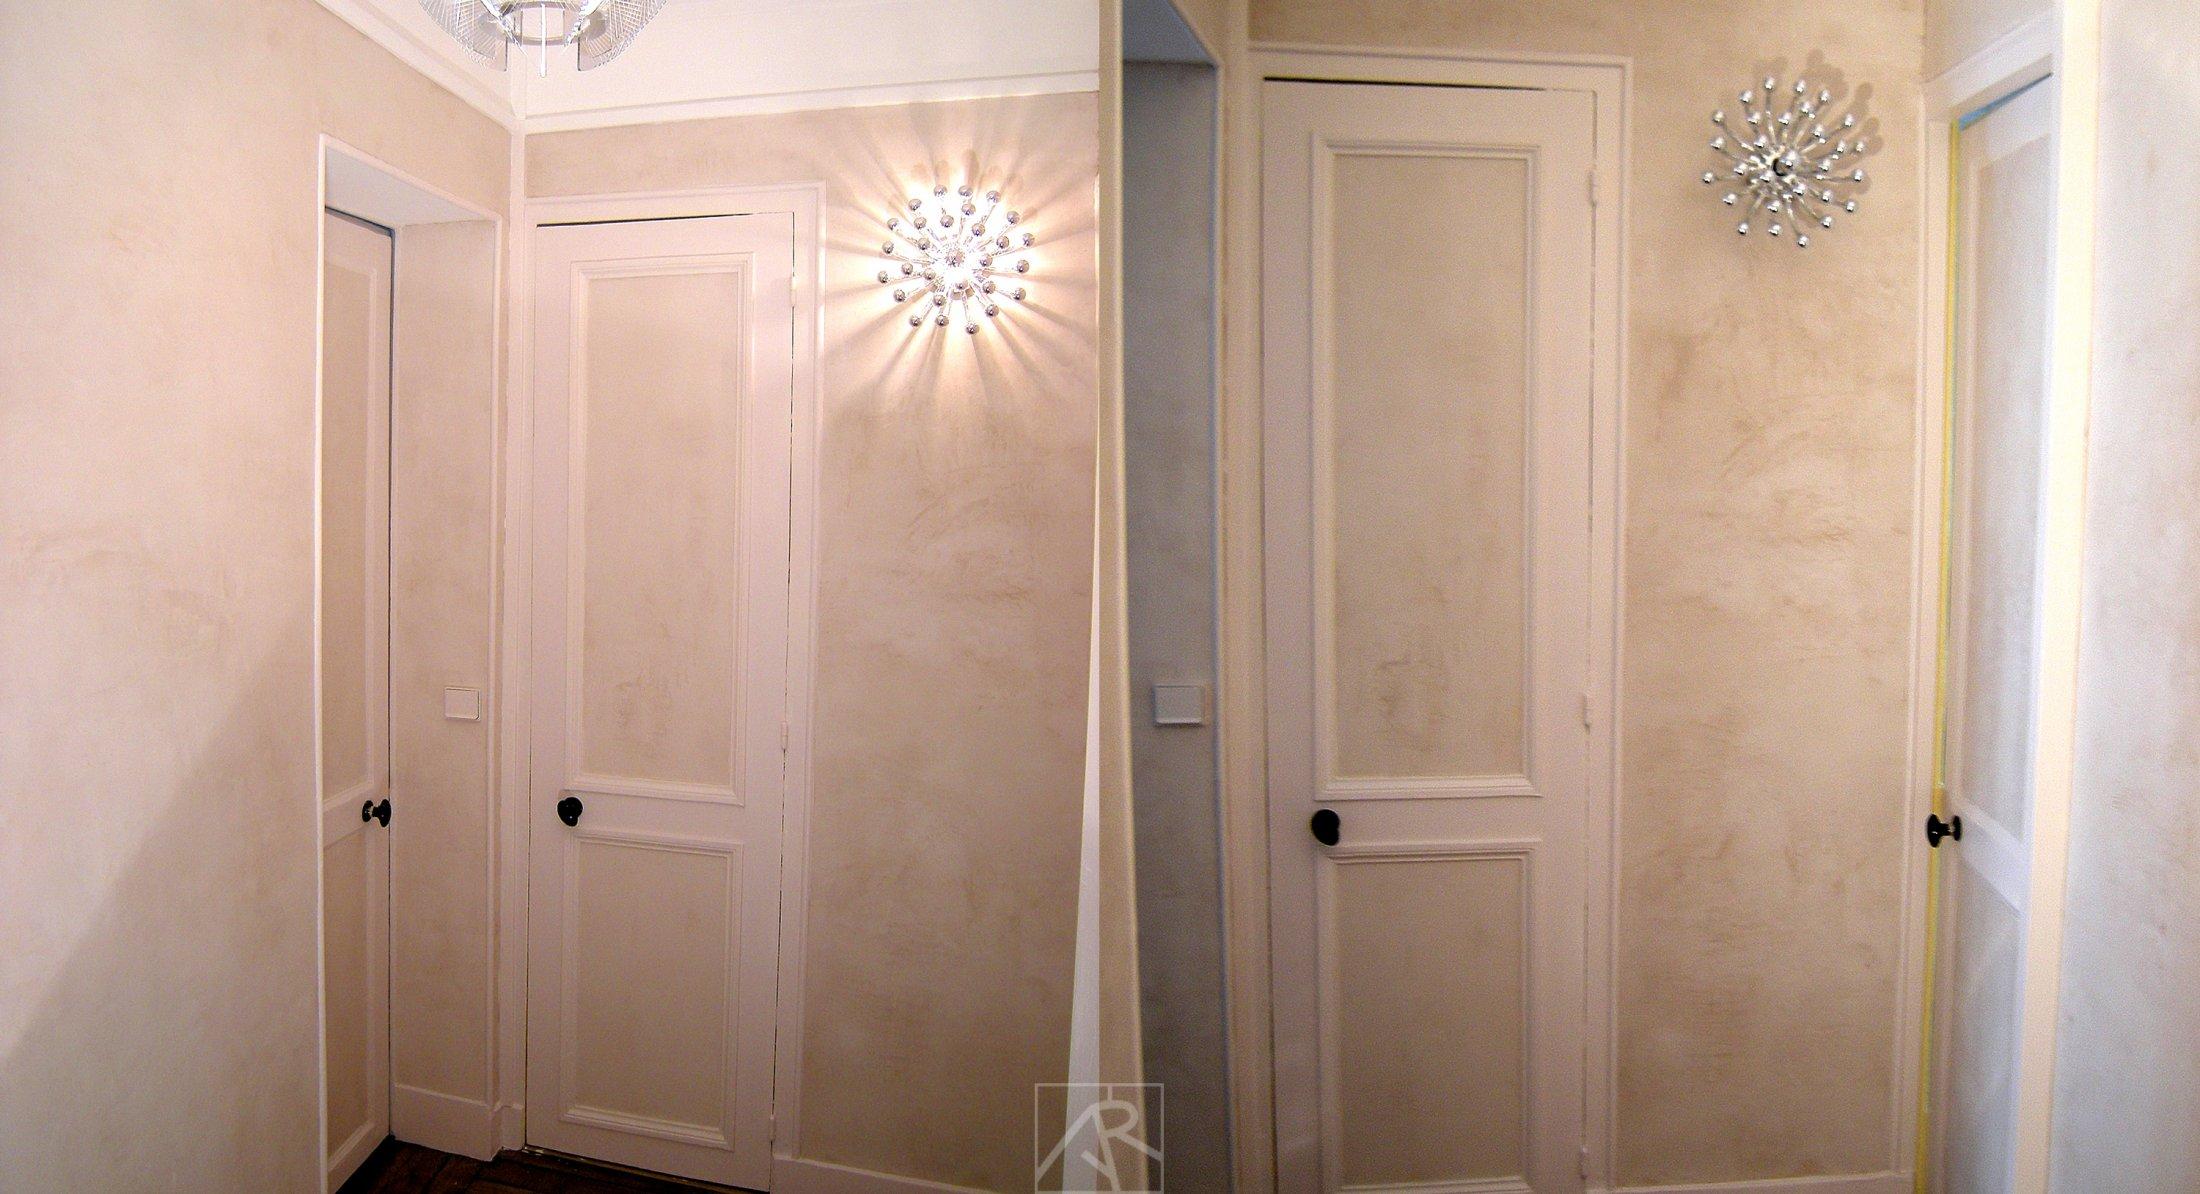 R alisations ar decor - Decoration a la chaux ...